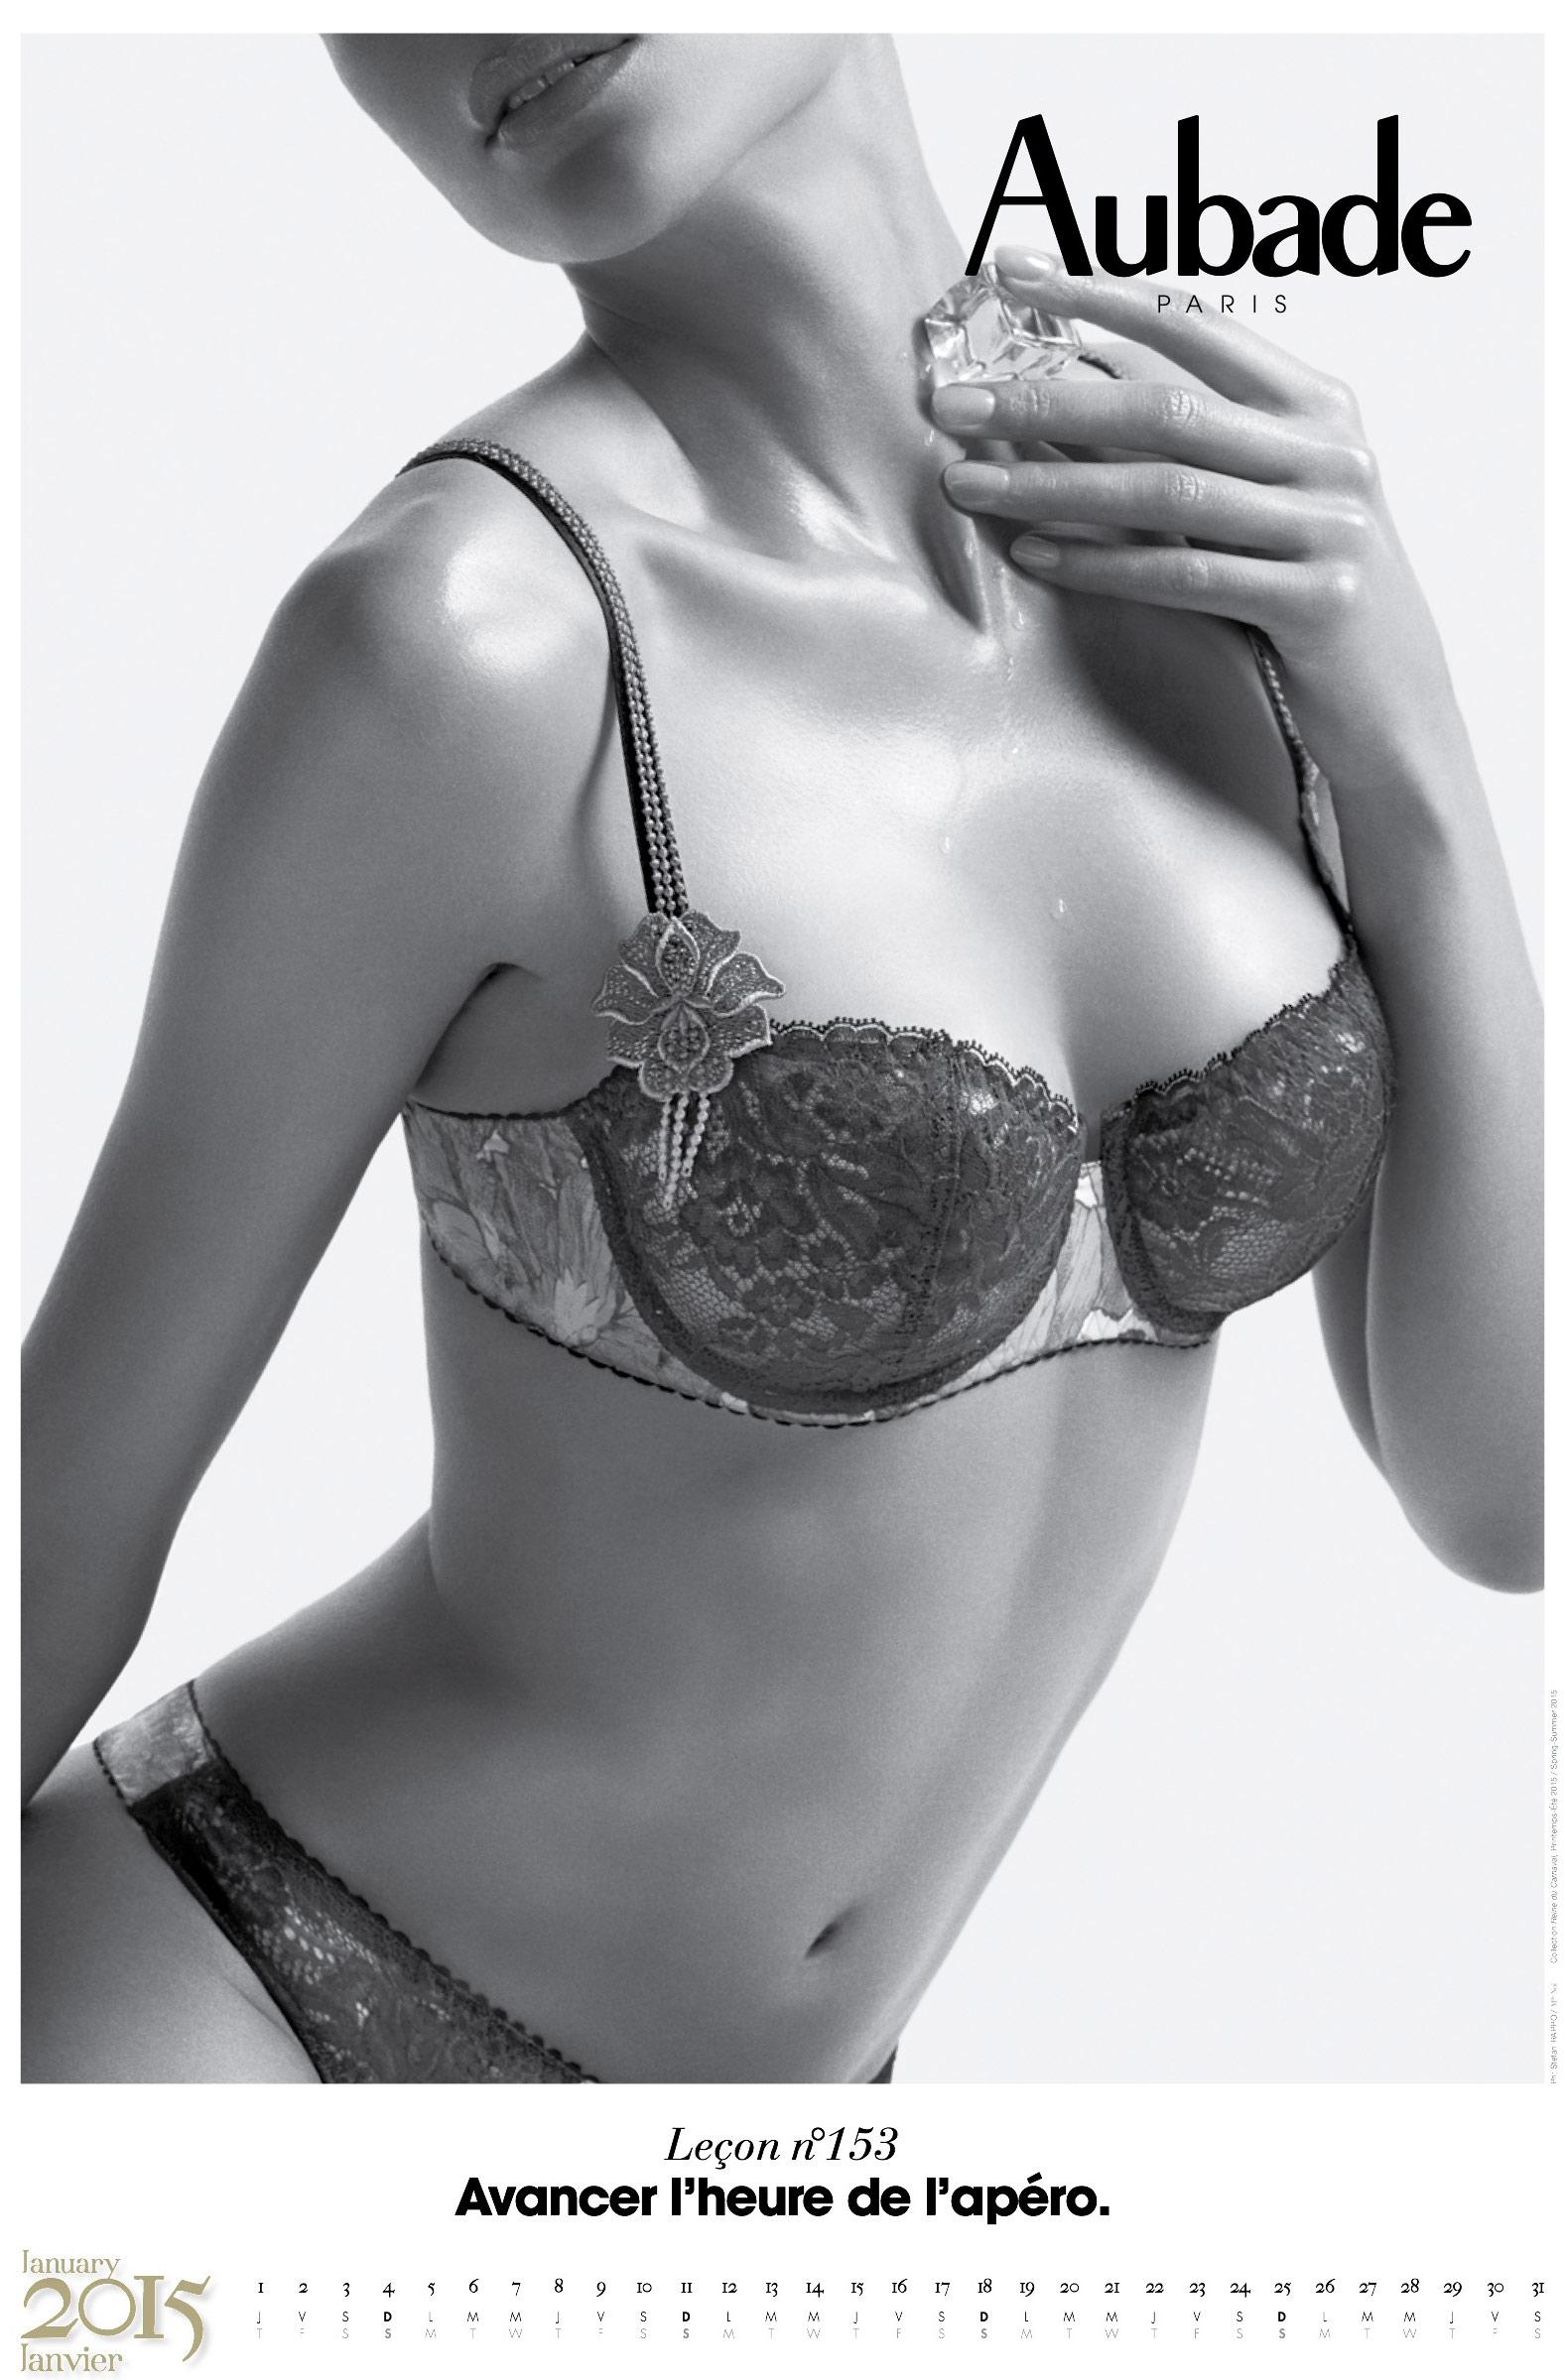 Календарь сексуального нижнего белья Aubade 2015